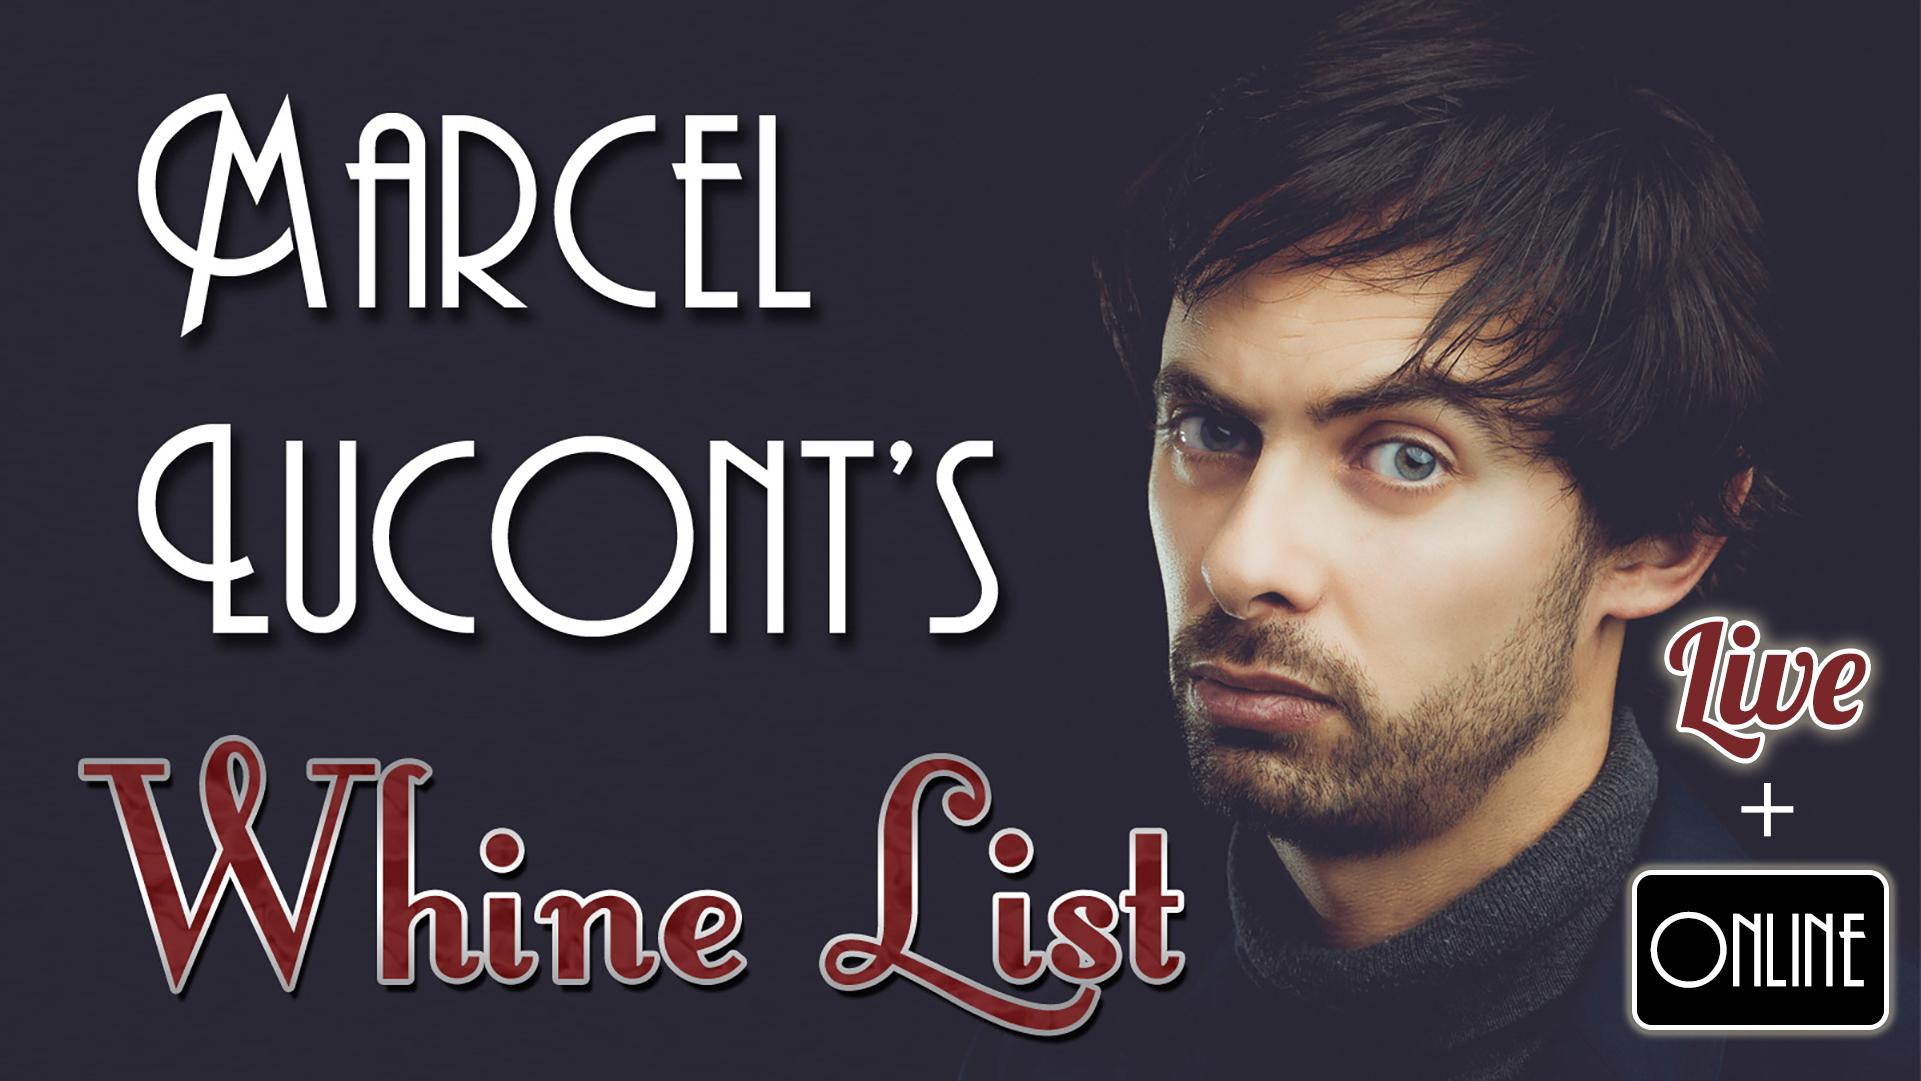 Marcel Lucont Whine List live online